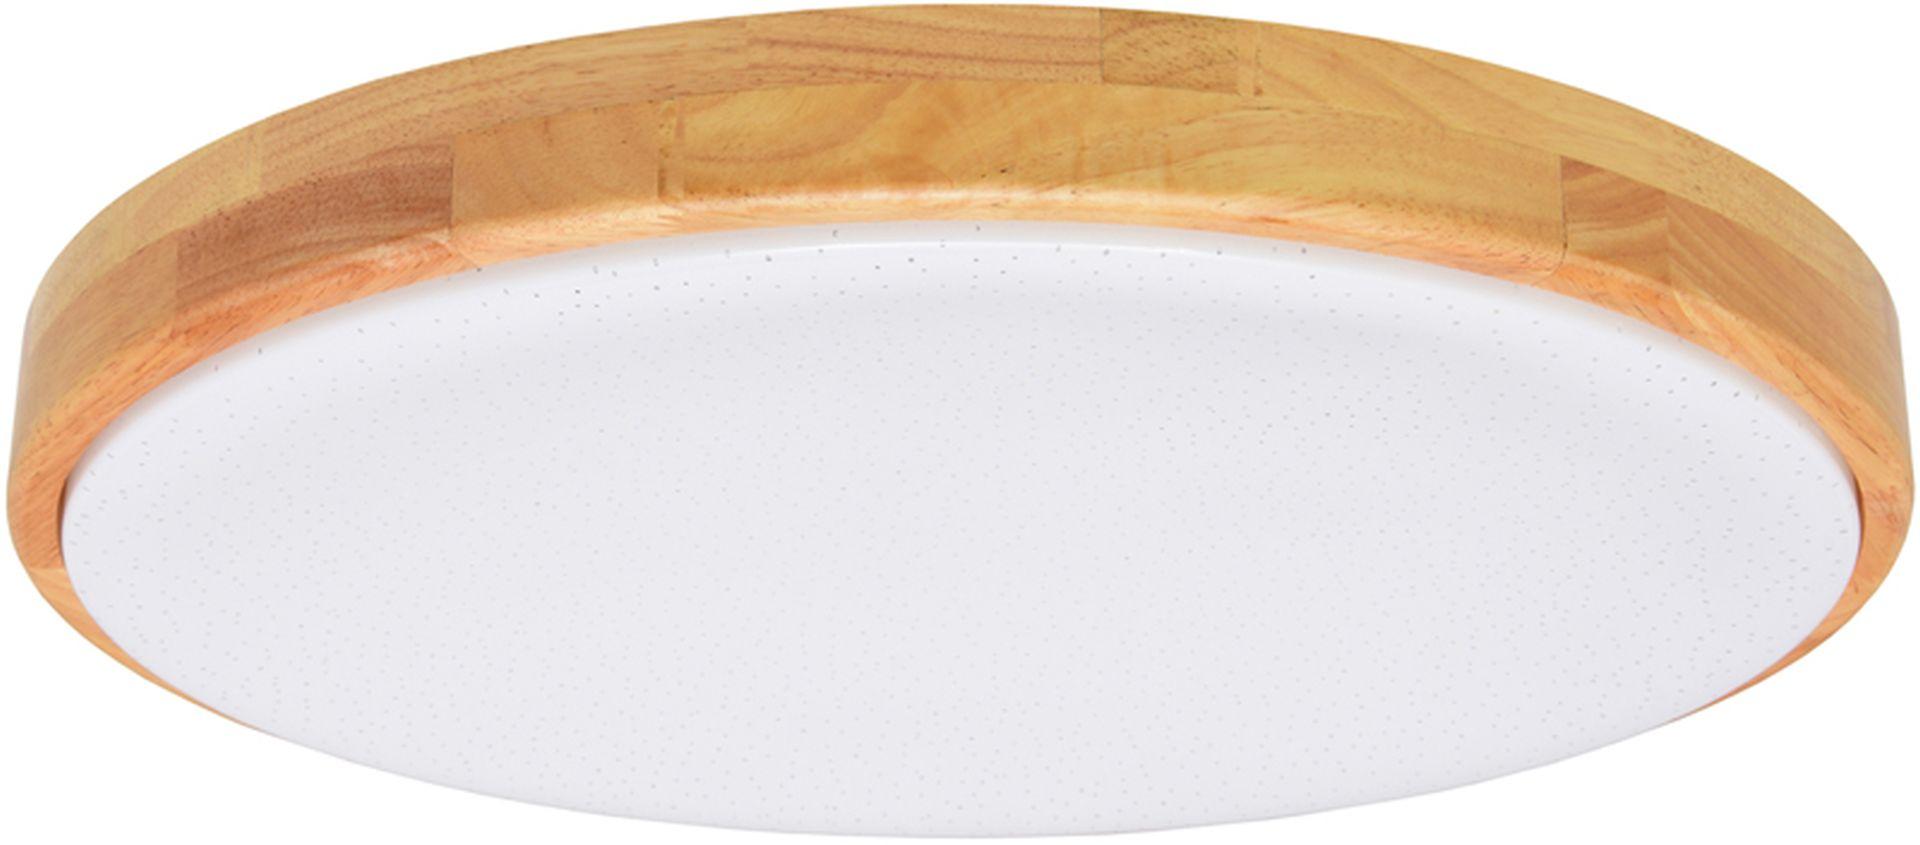 Ecolite LED stropné svietidlo 24W so svetlým dreveným rámčekom WLD400-24W/LED/SD